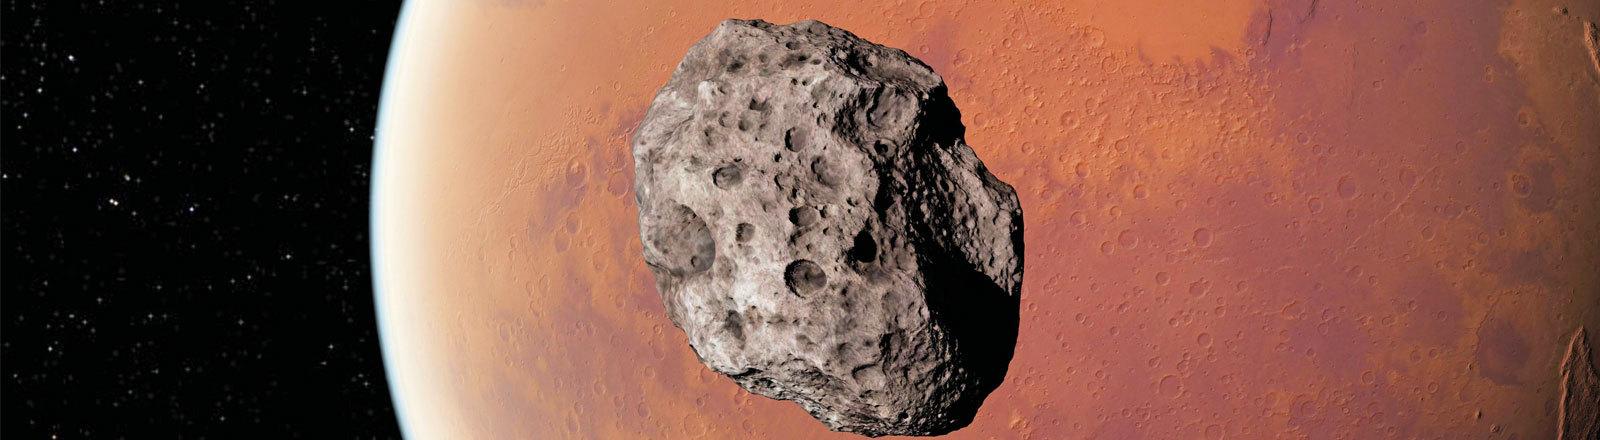 Computeranimation von Asteroid vor einem Planeten